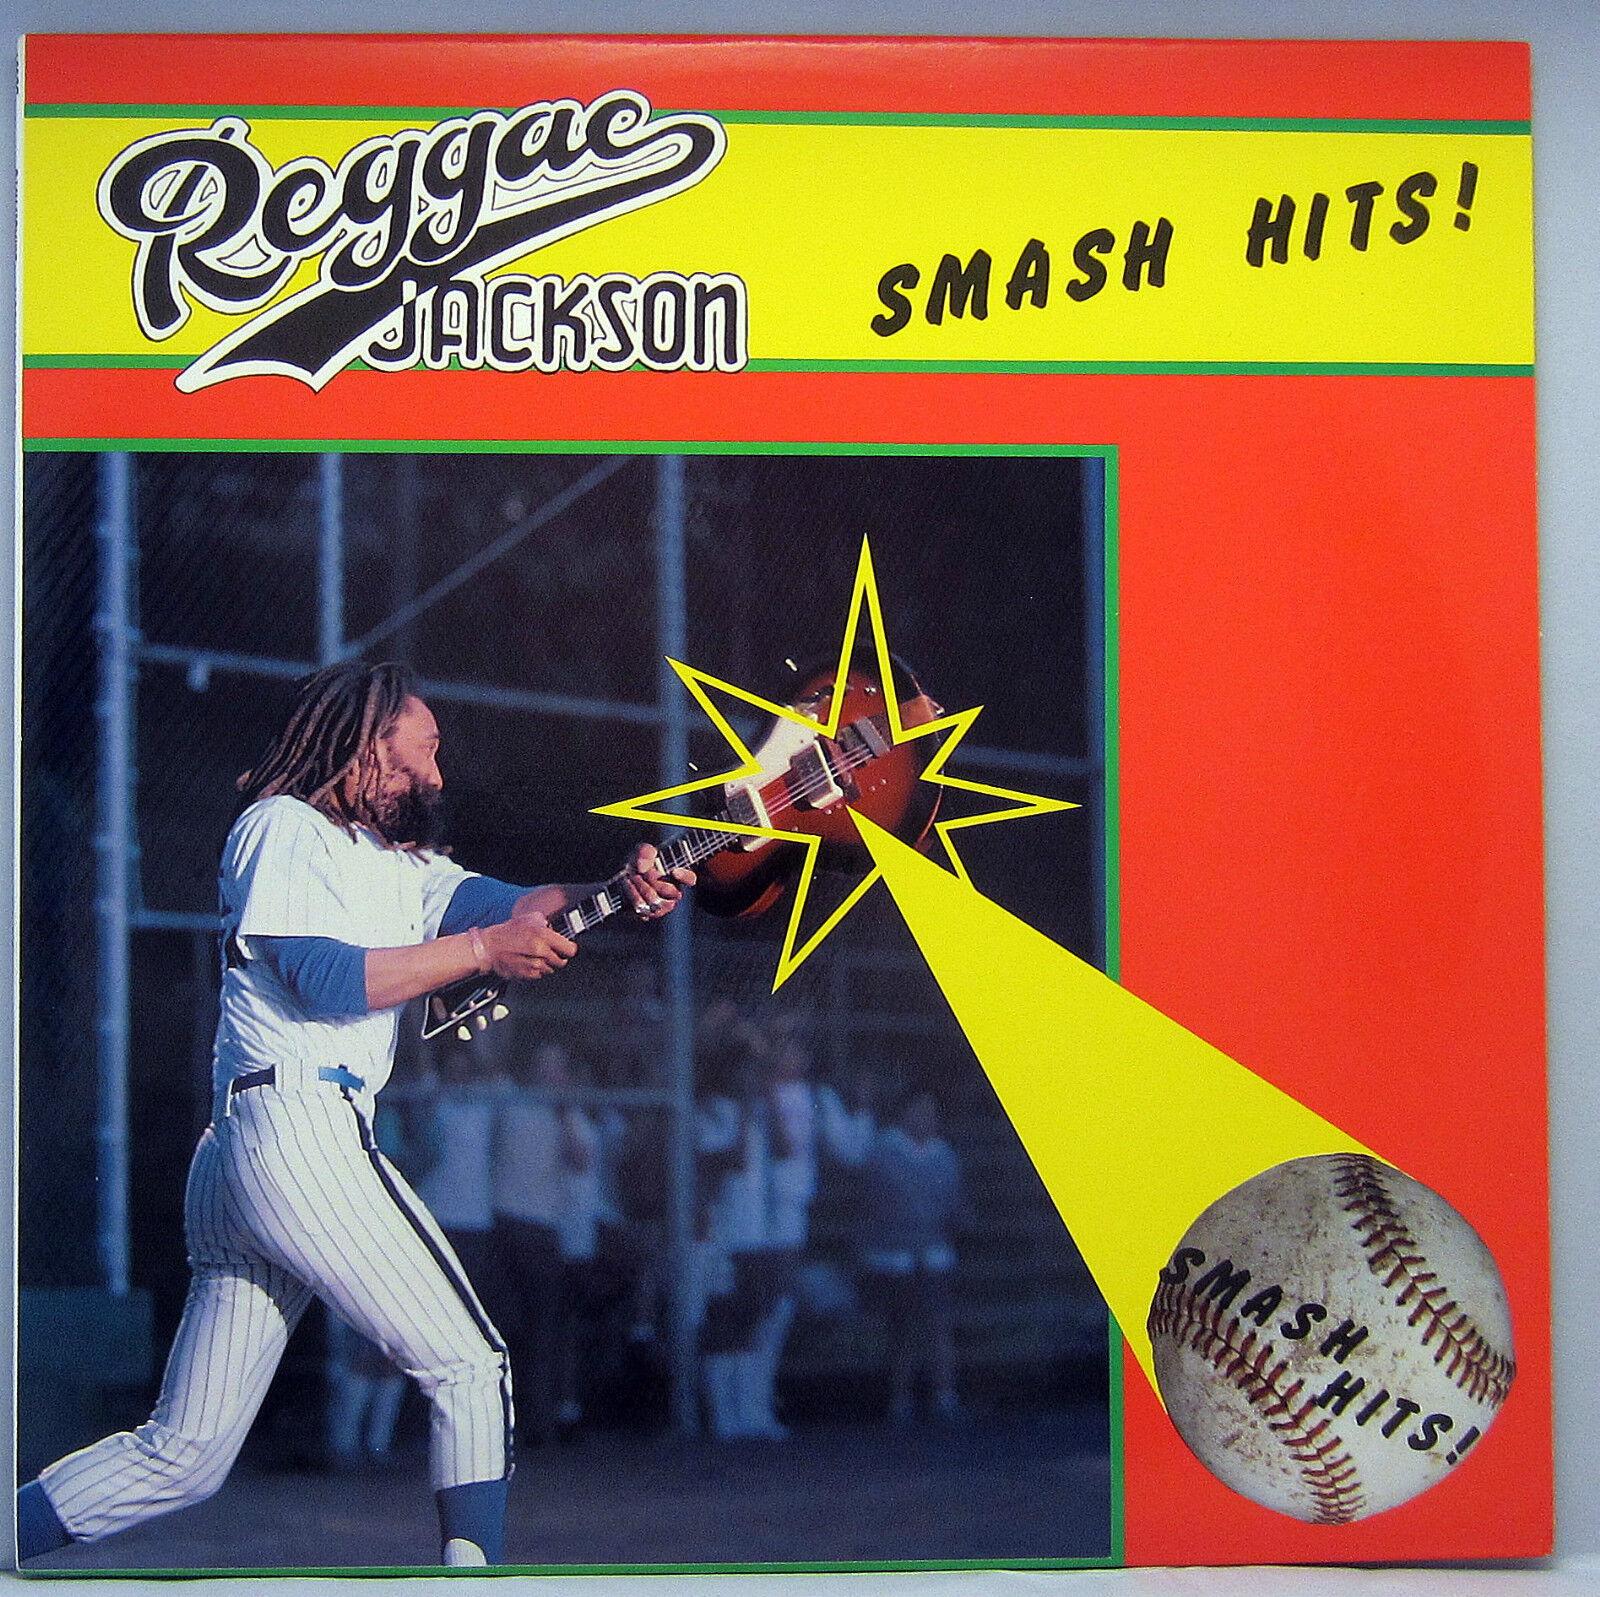 Image 1 - SEALED LP REGGAE JACKSON SMASH HITS Bongo Boy Records